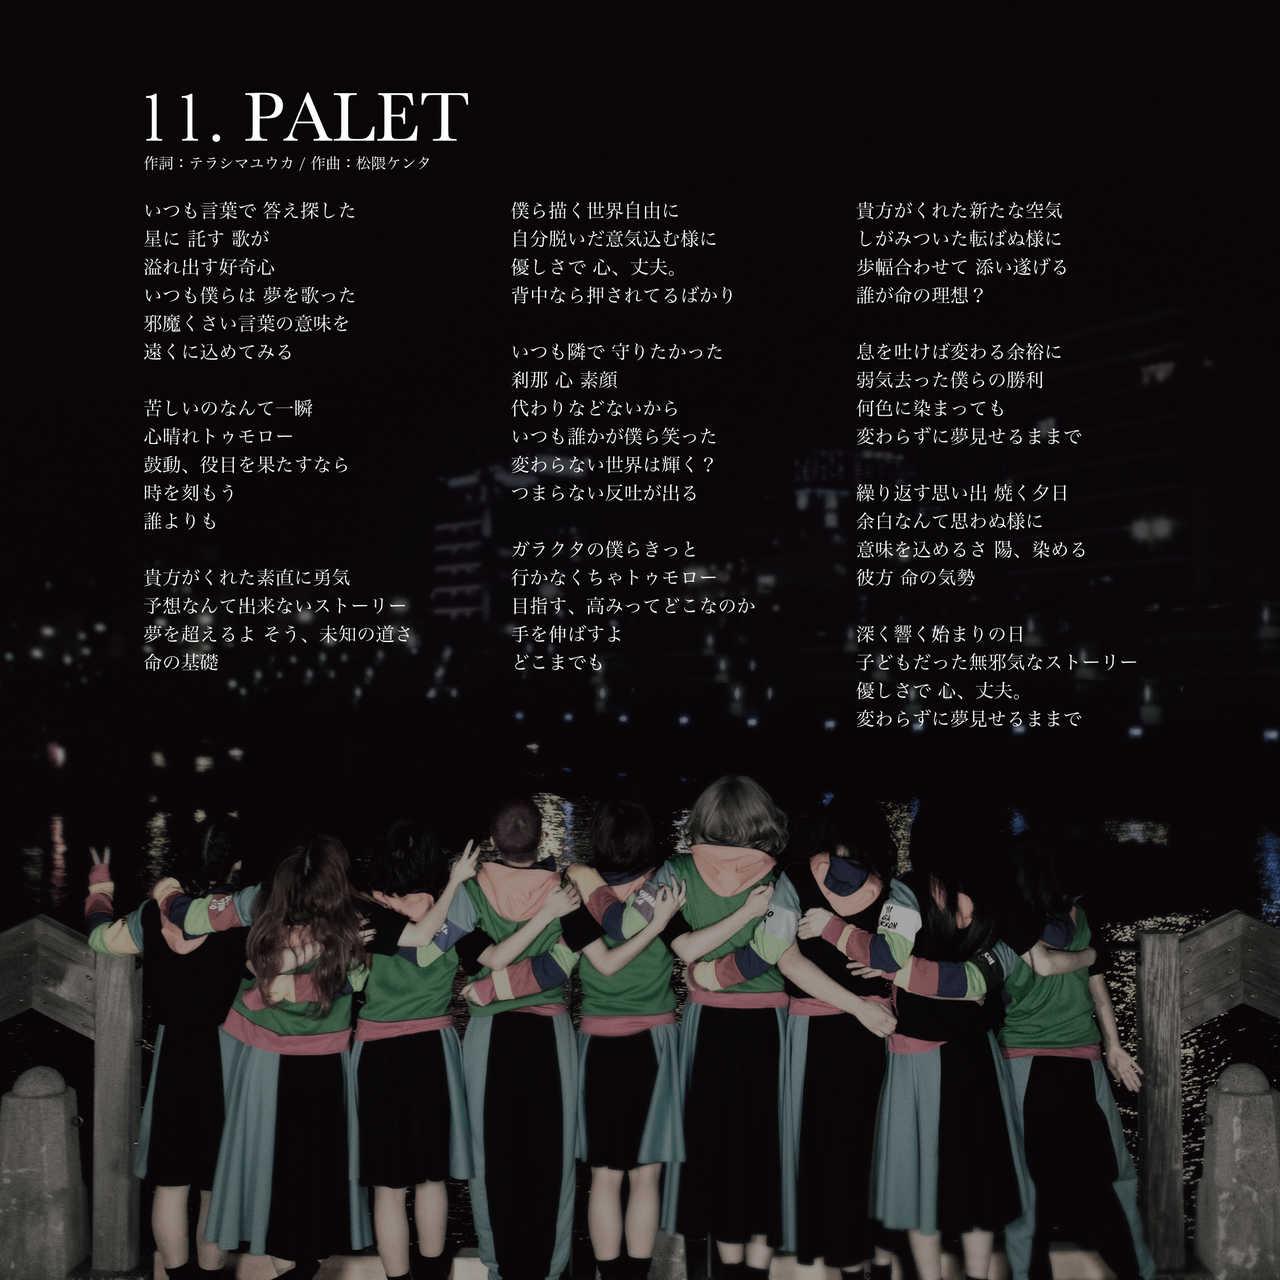 アルバム『LAST GANG PARADE』収録曲「PALET」歌詞画像 Photo by Kenta Sotobayashi